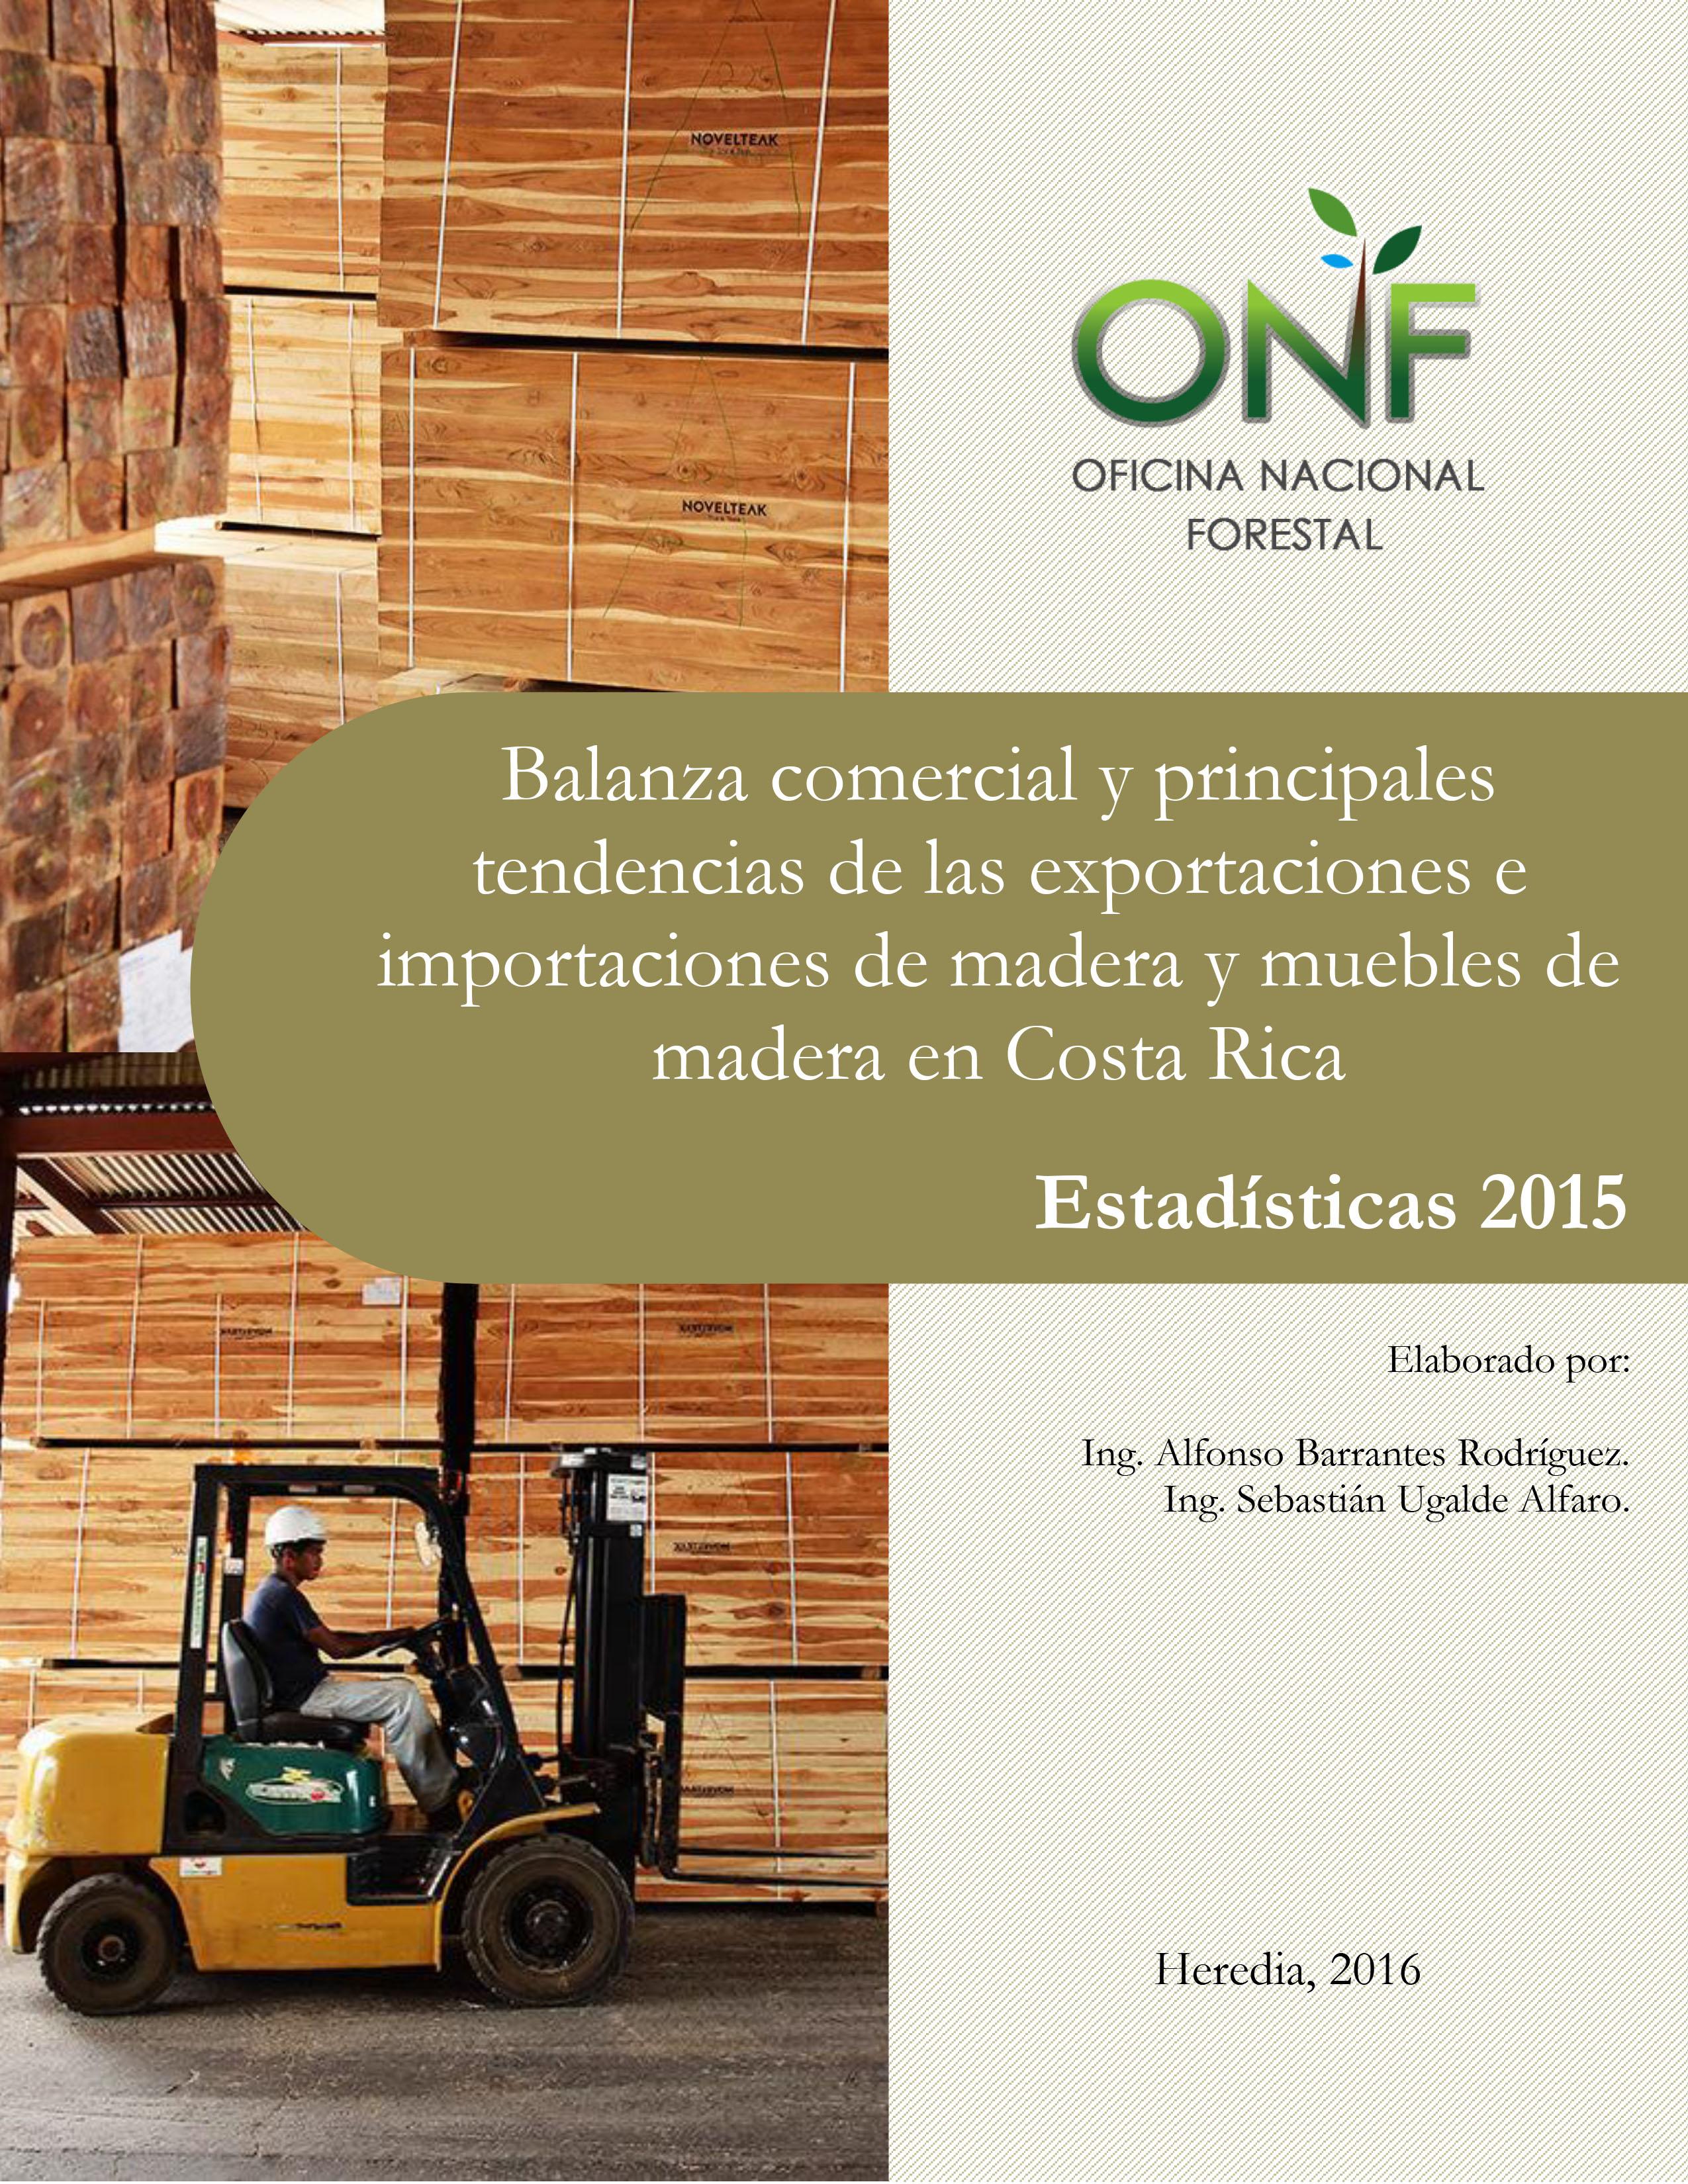 Balanza-comercial-2015